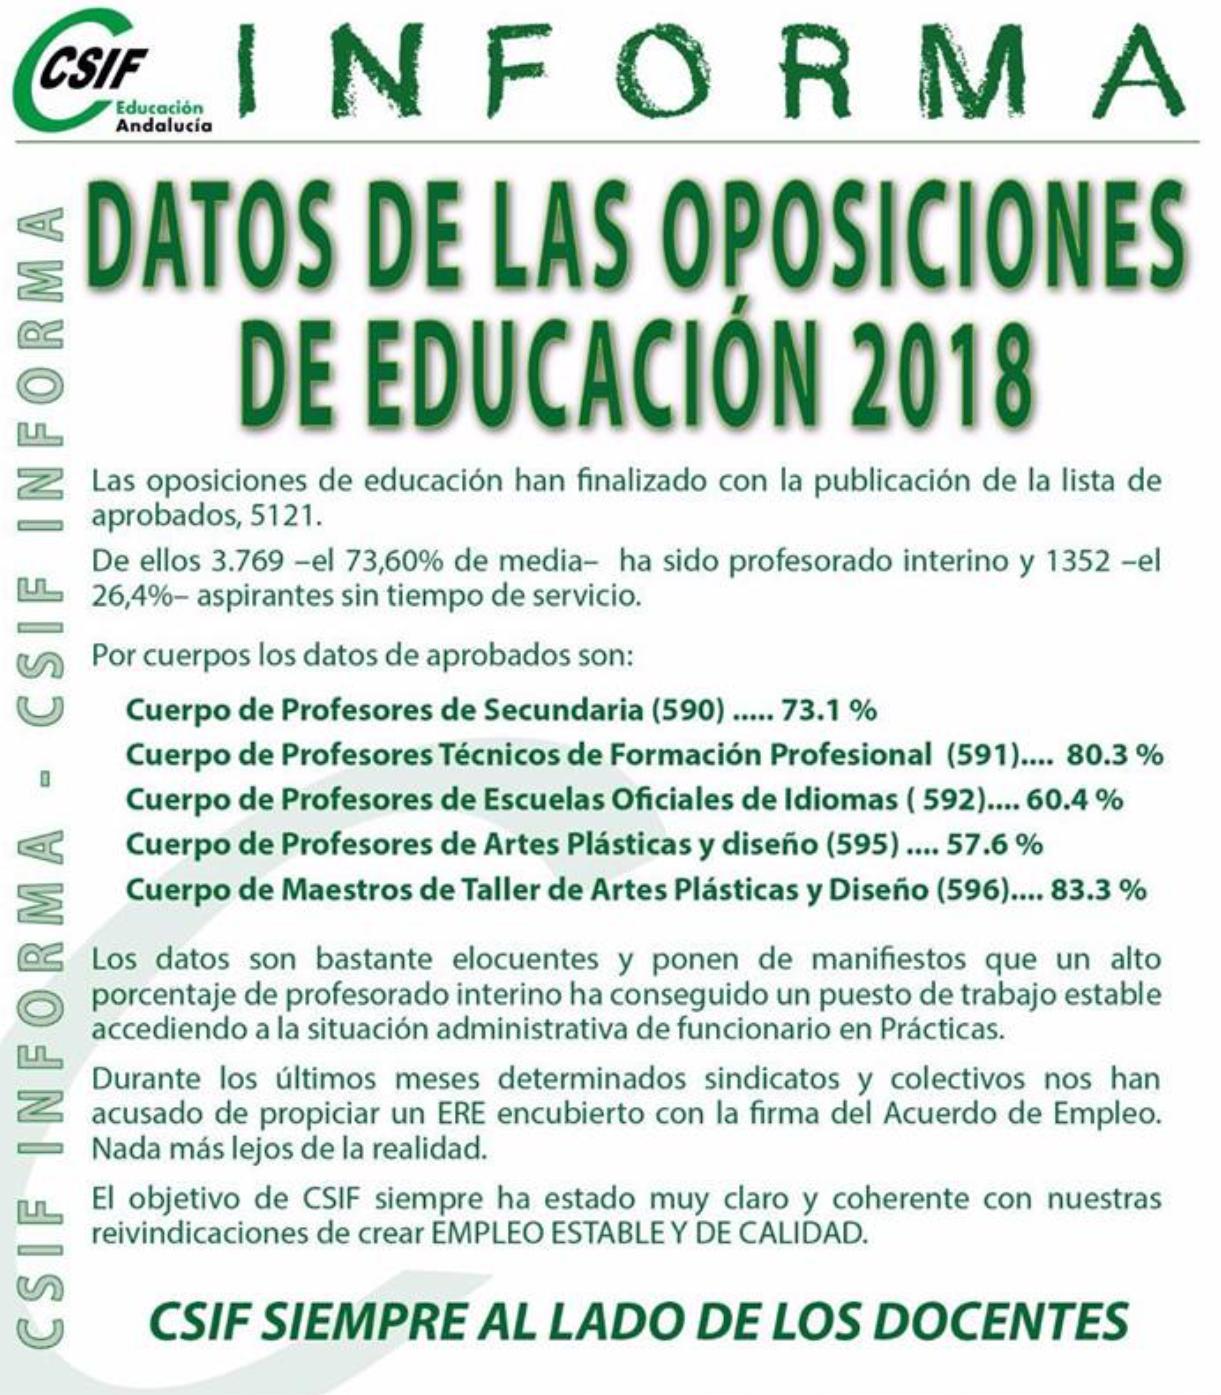 porcentaje aprobados oposiciones educacion andalucía tiempo de servicio interinos